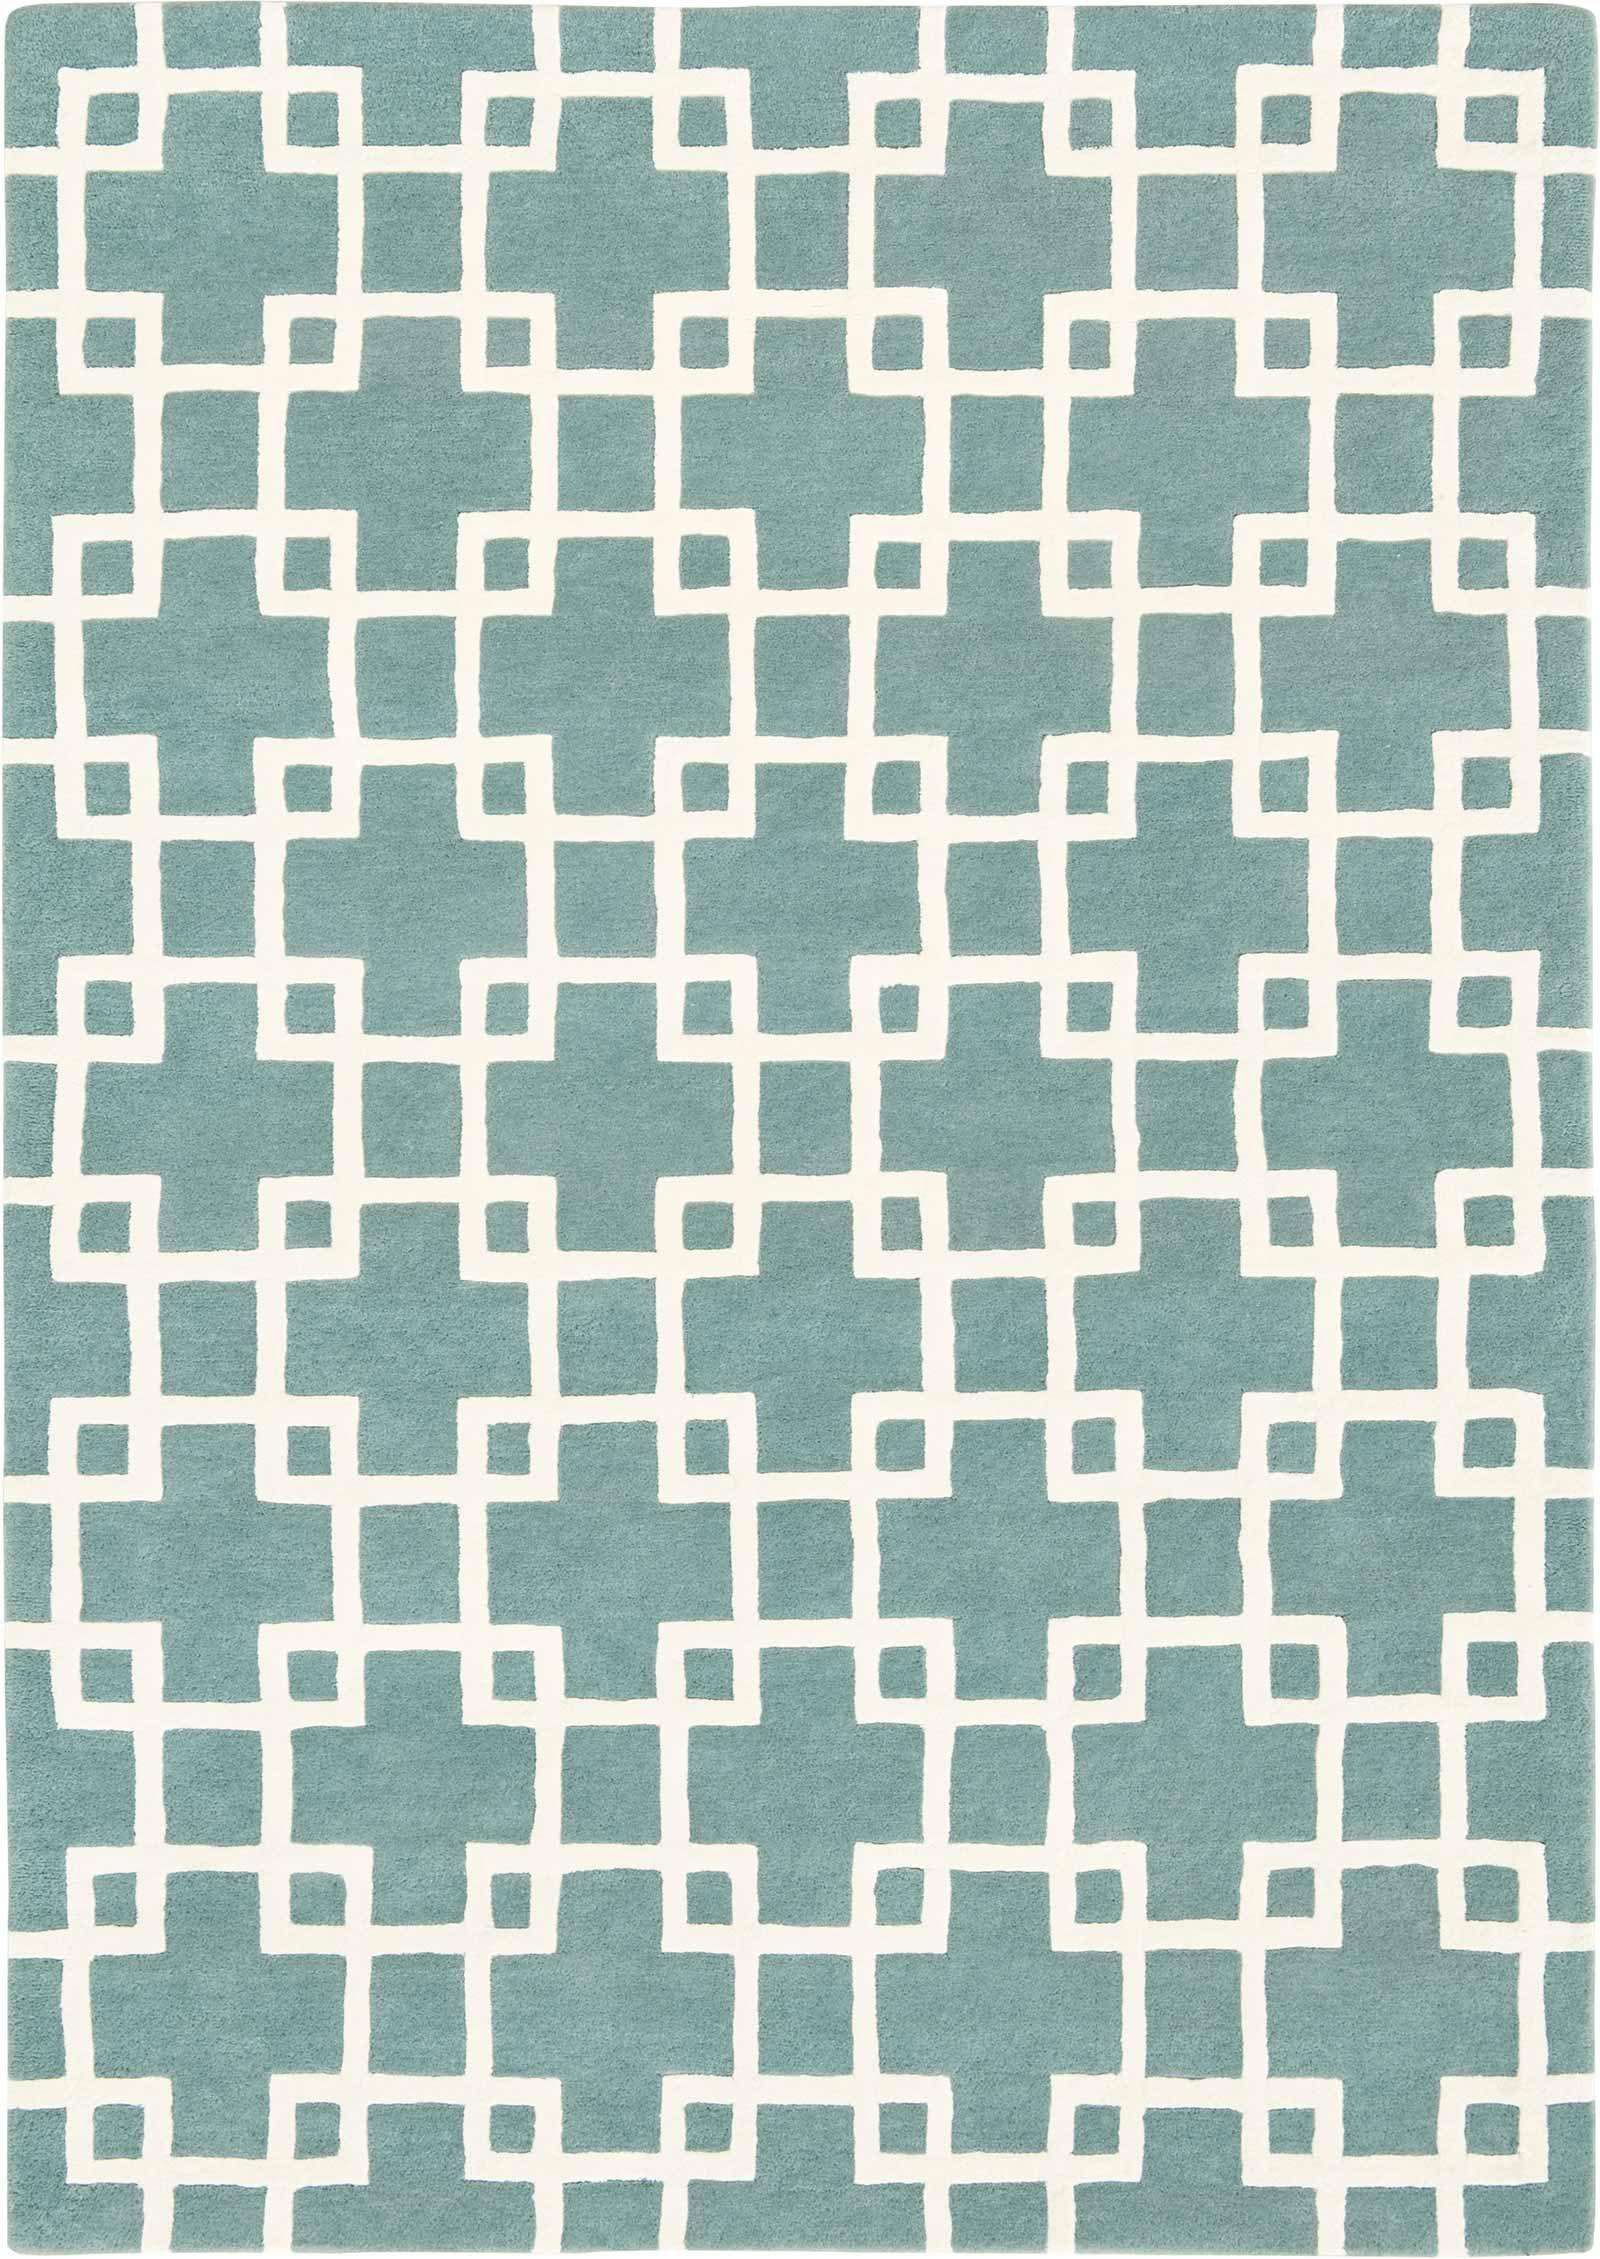 Louis De Poortere tapijt Romo LX 2011 Cubis Agate